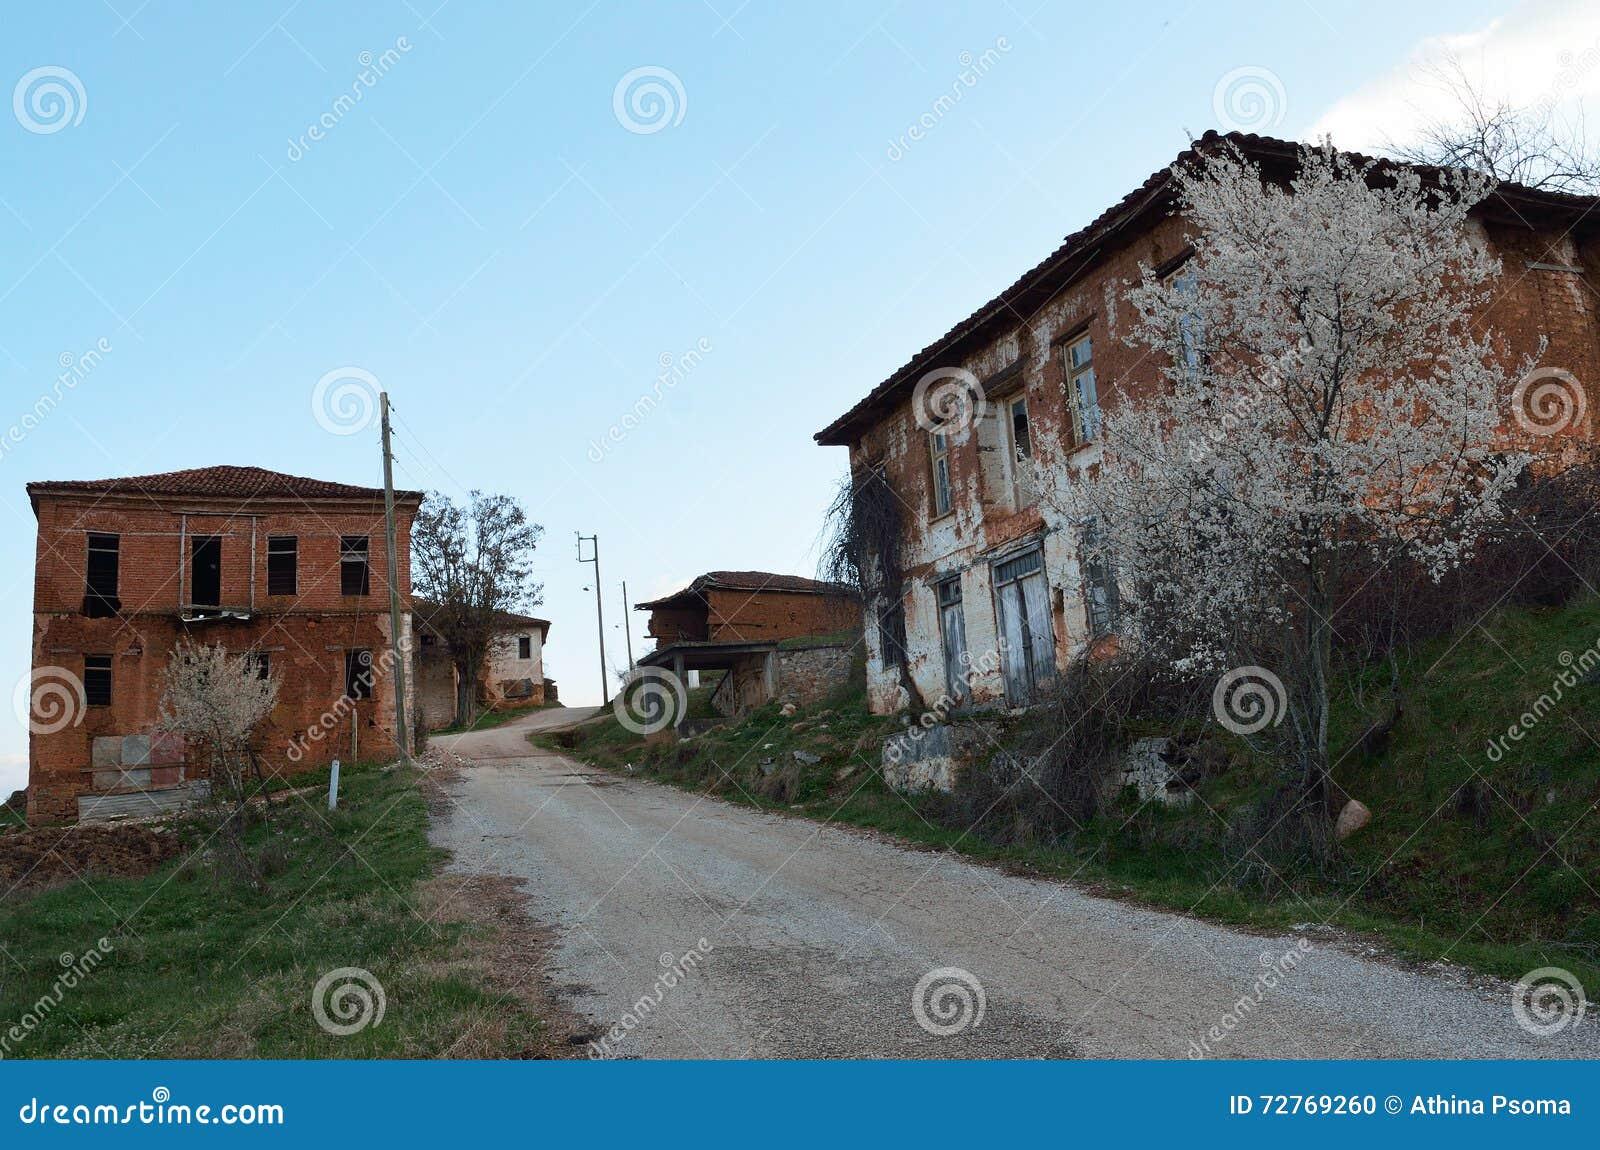 Case Di Mattoni Di Fango : Case con mattoni a vista abbandonate del fango fotografia stock